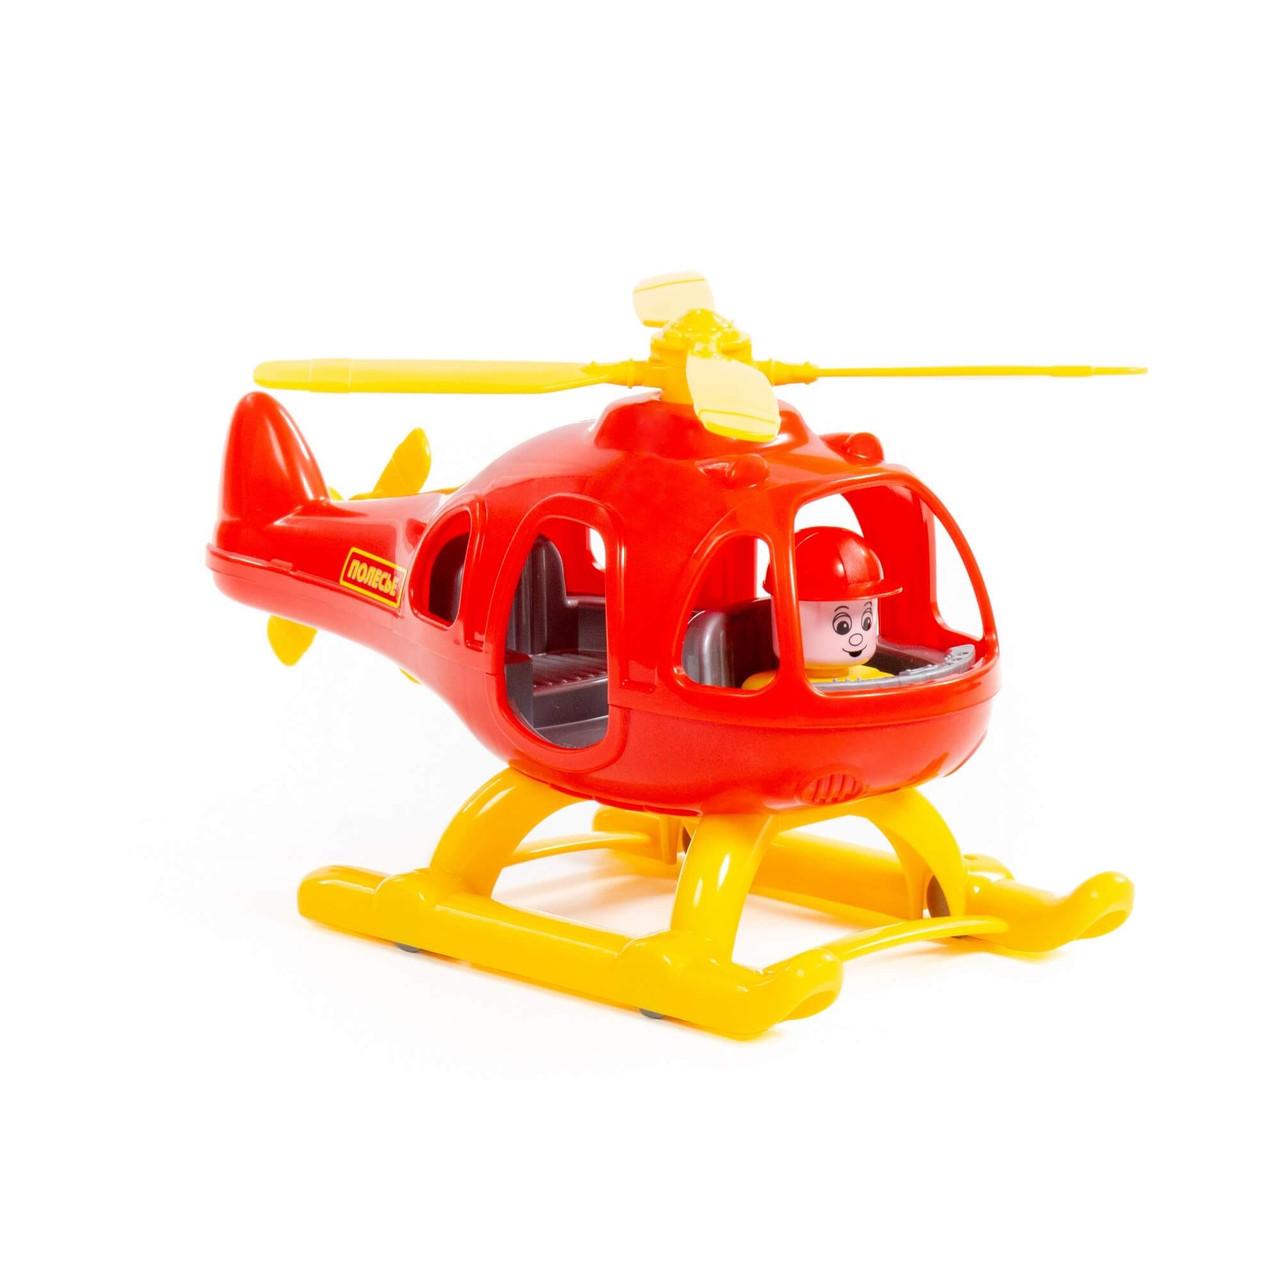 Игрушка вертолёт Шмель, Полесье - фото 1